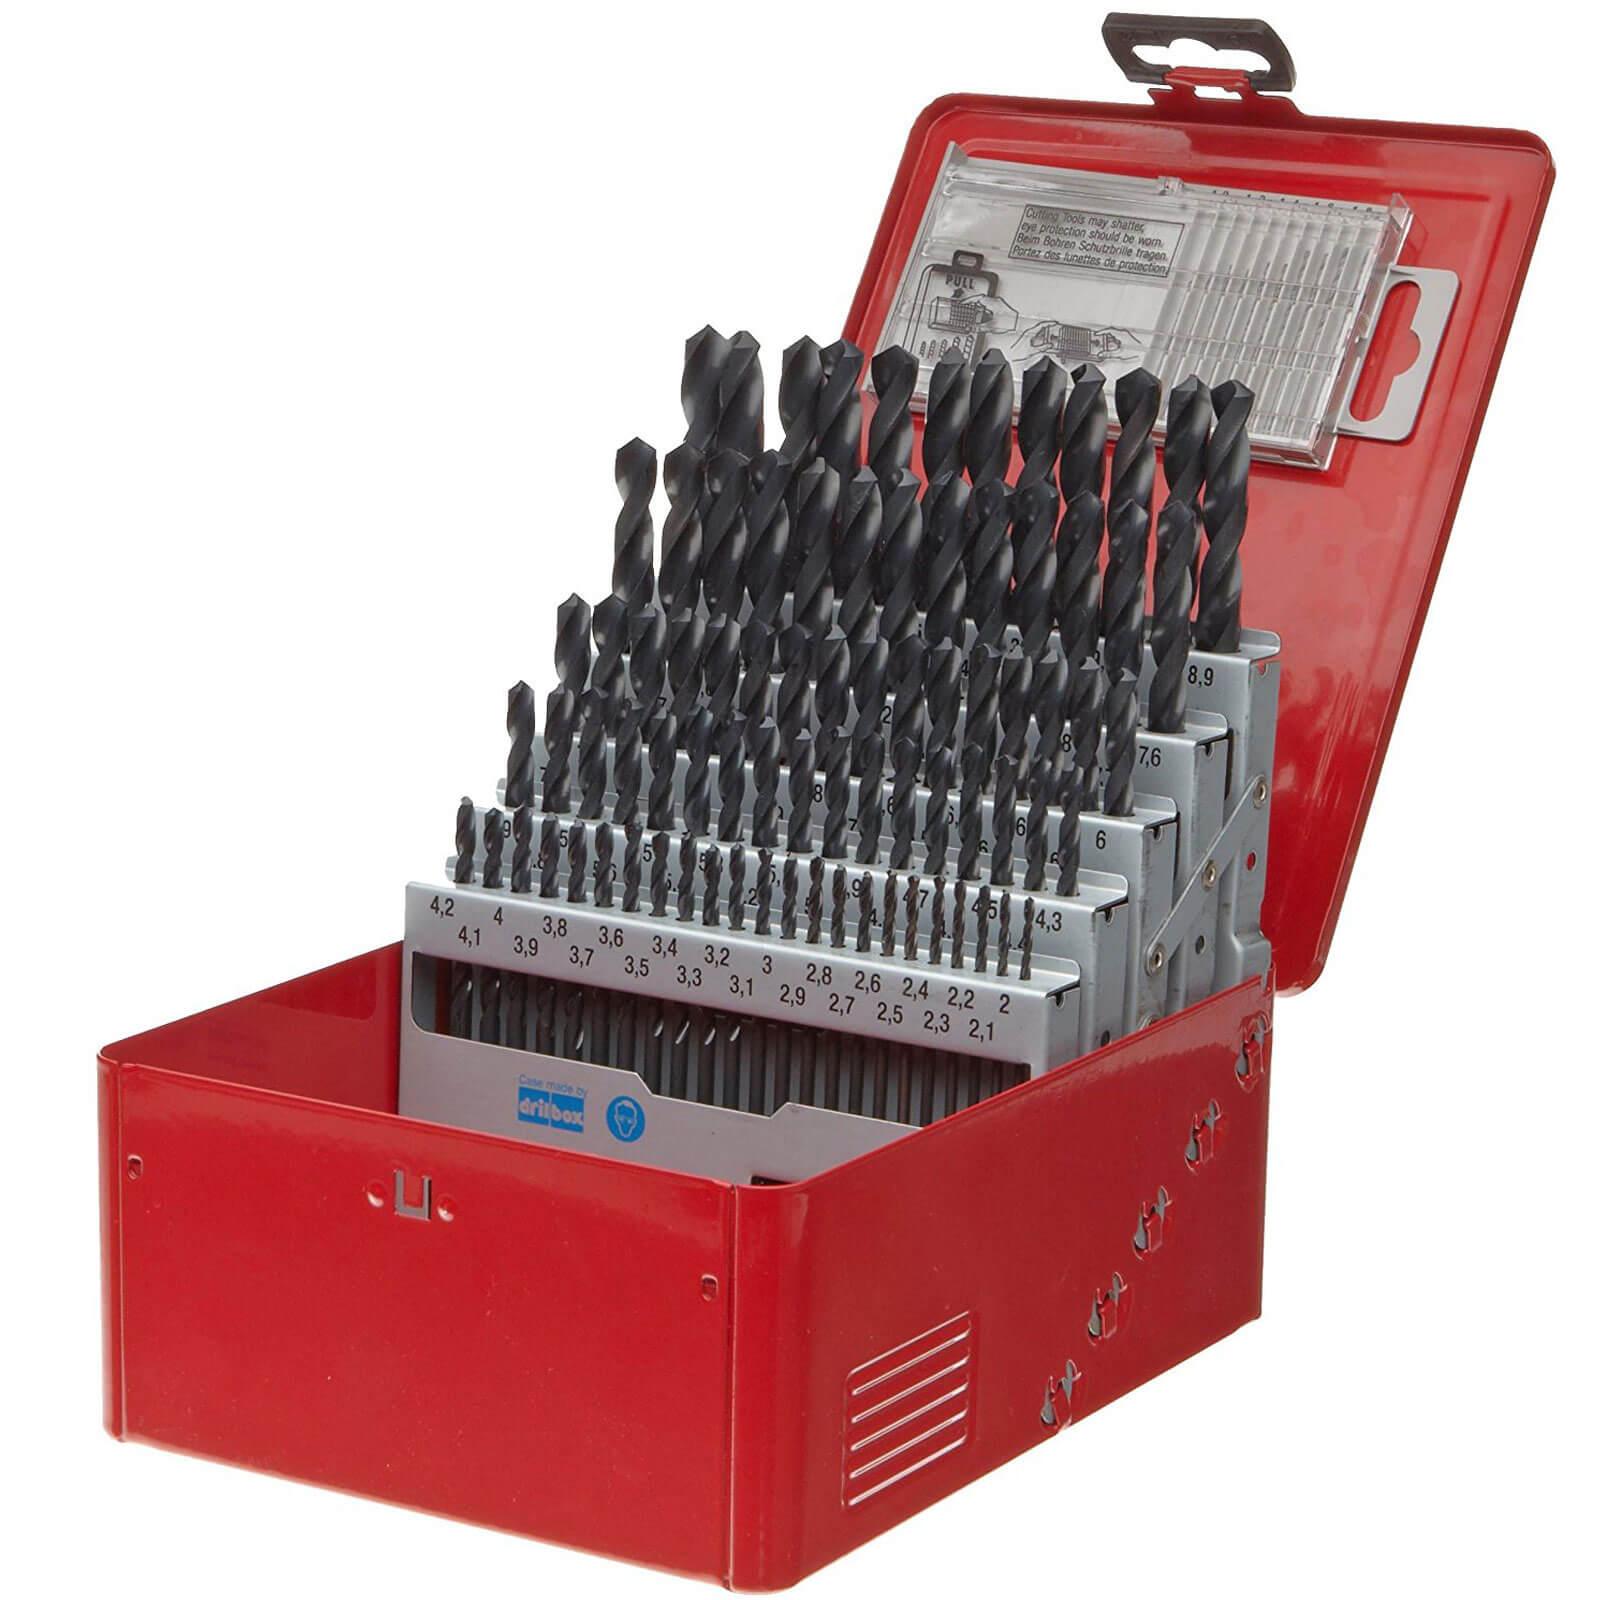 Image of Dormer A190-209 91 Piece HSS Jobber Drill Bit Set